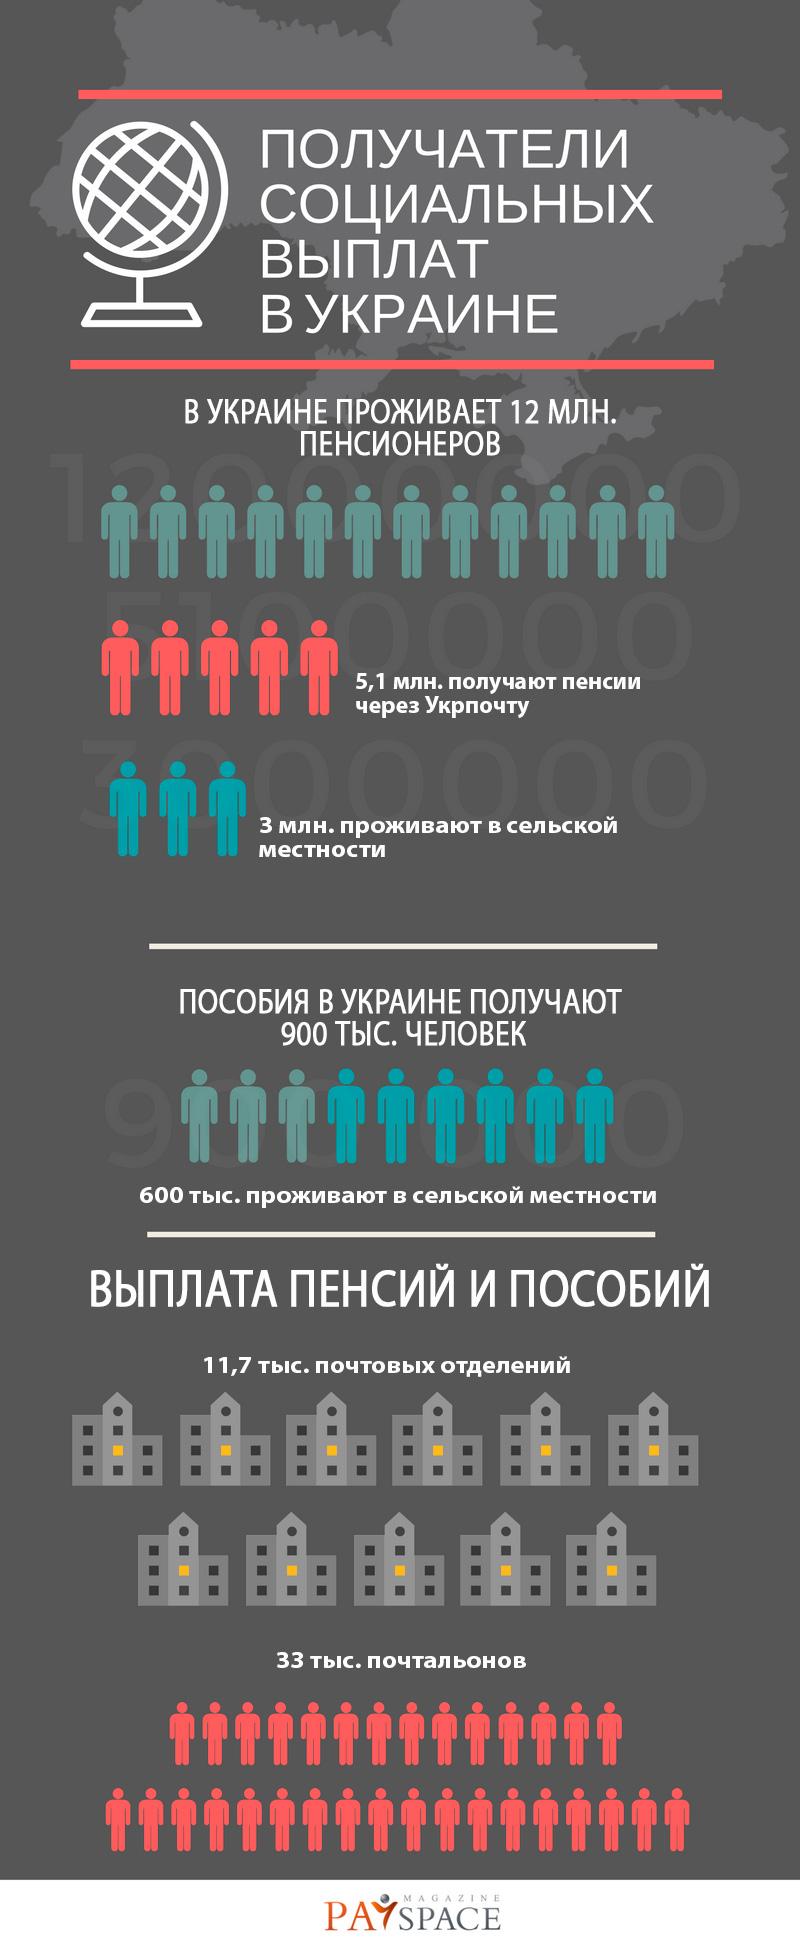 Почта или банкомат: где украинцы получают пенсии (инфографика)